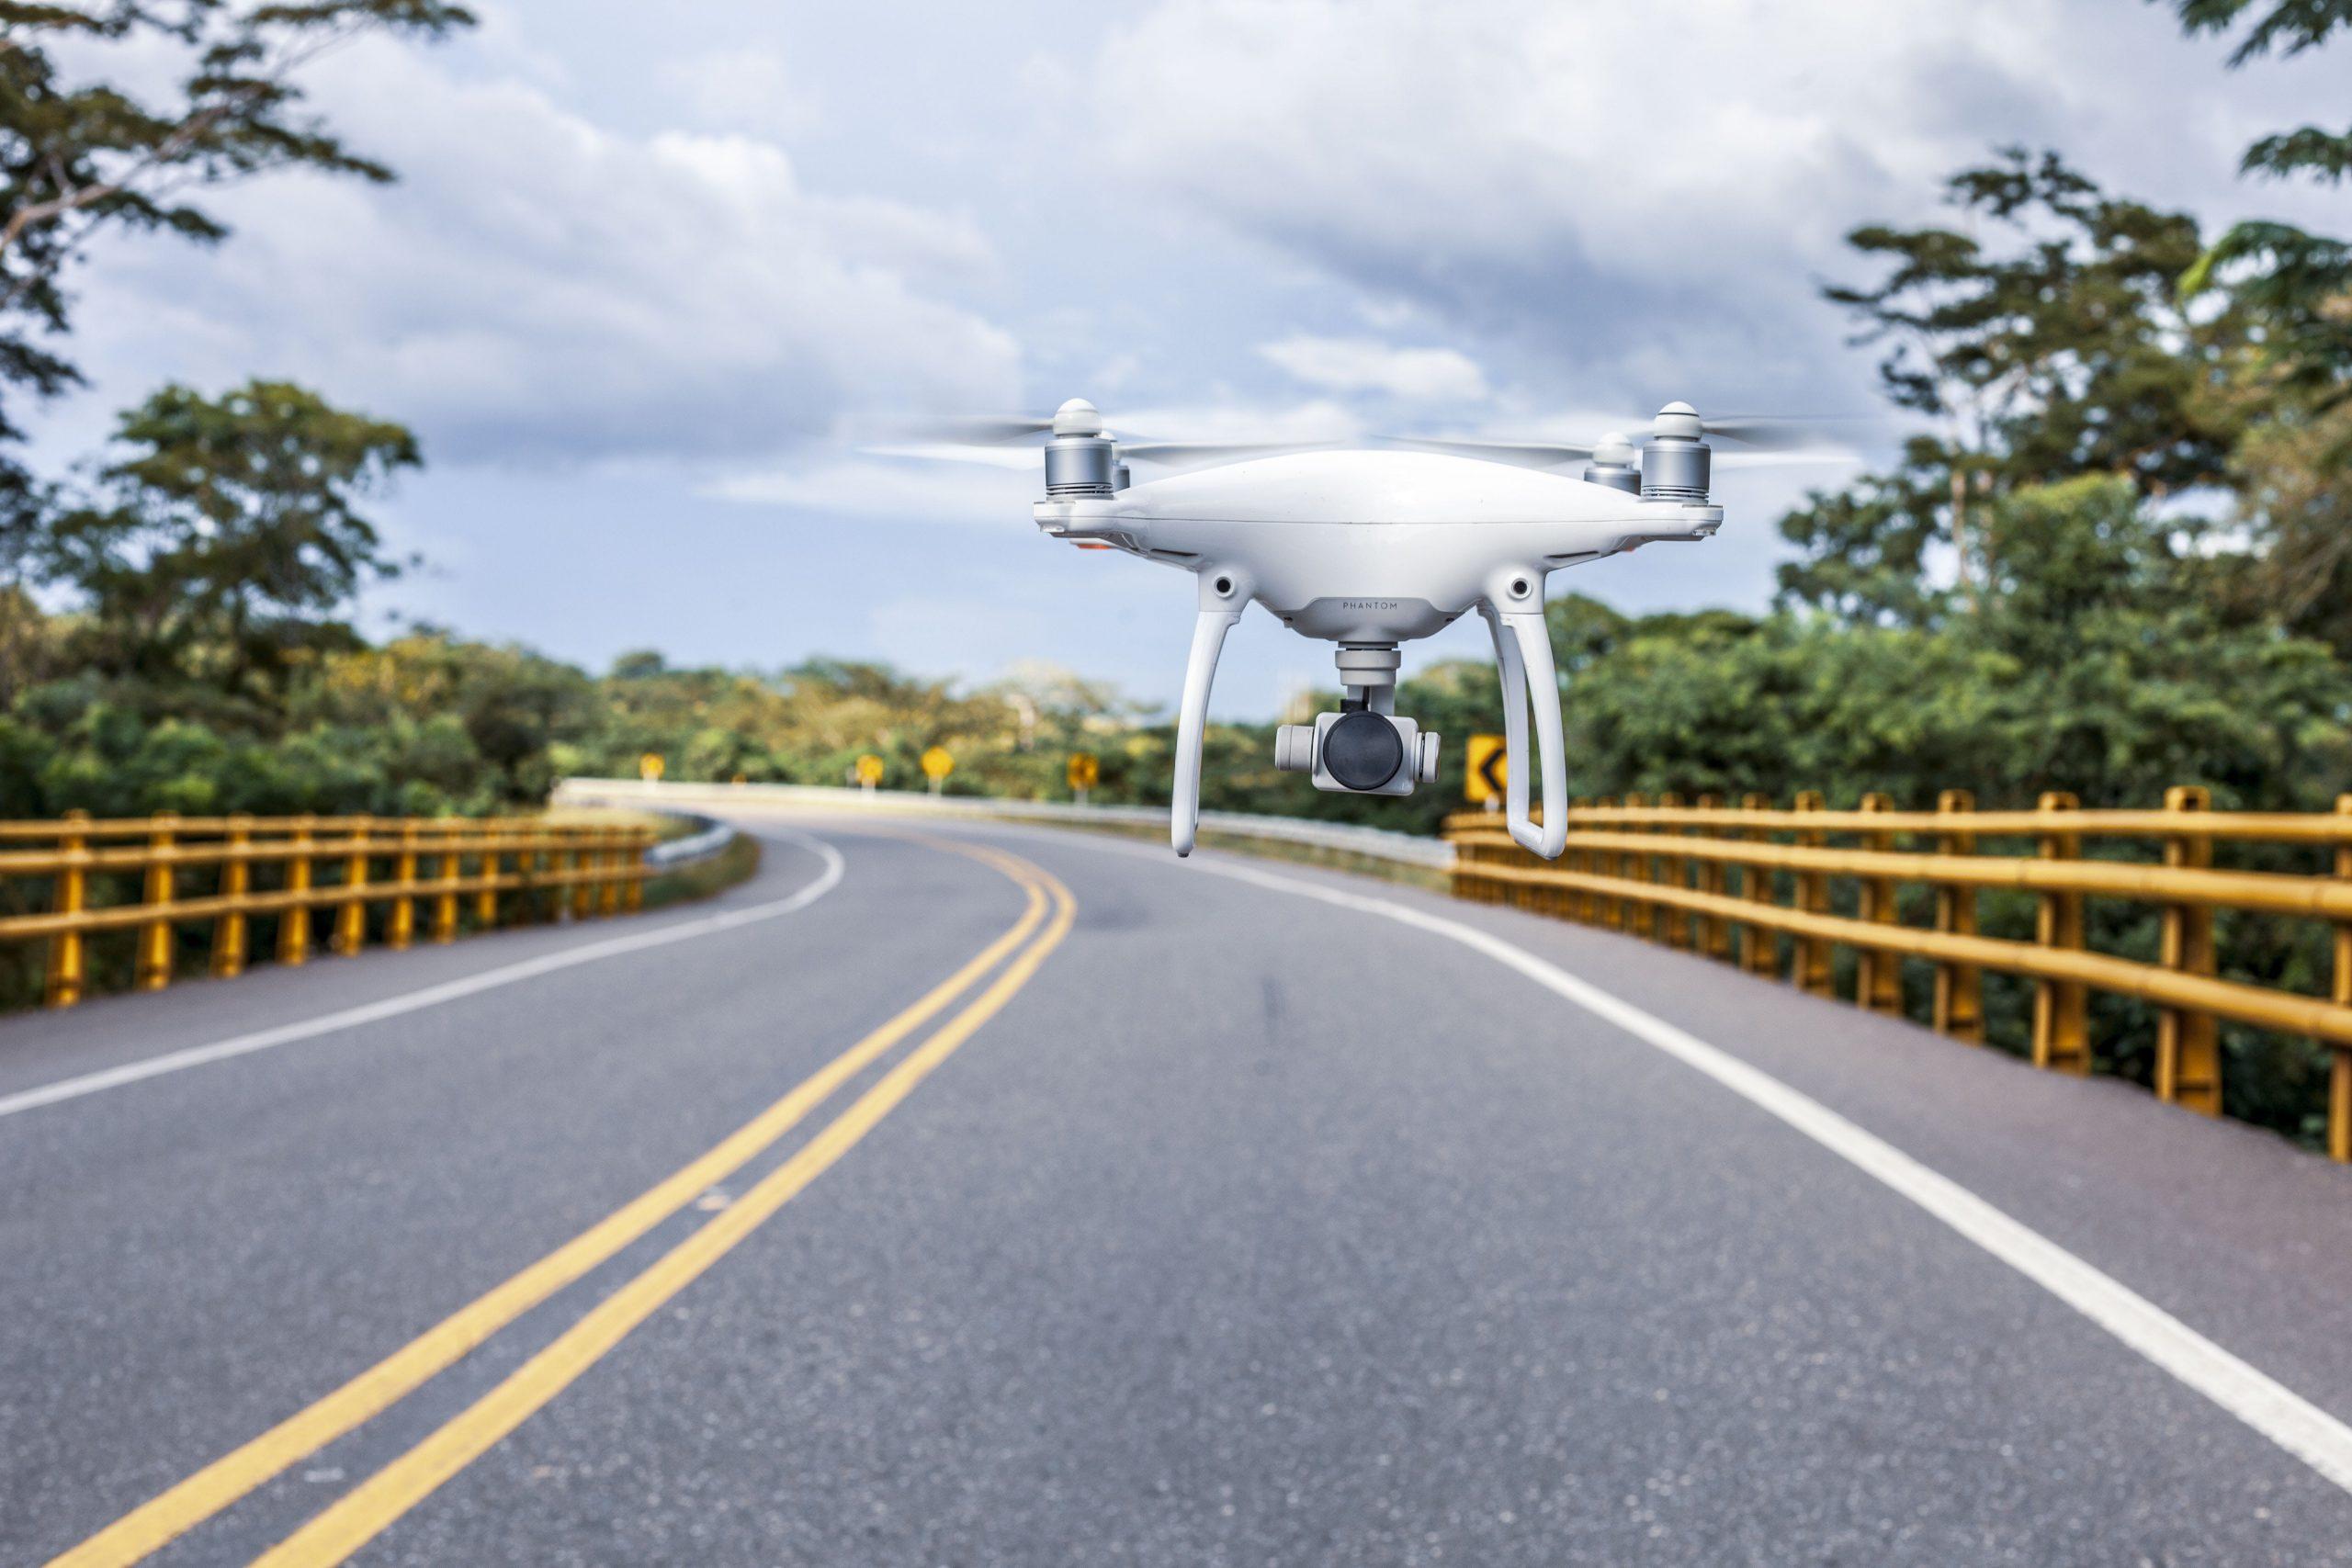 В 17 регионах нарушения на дорогах теперь фиксируют дроны